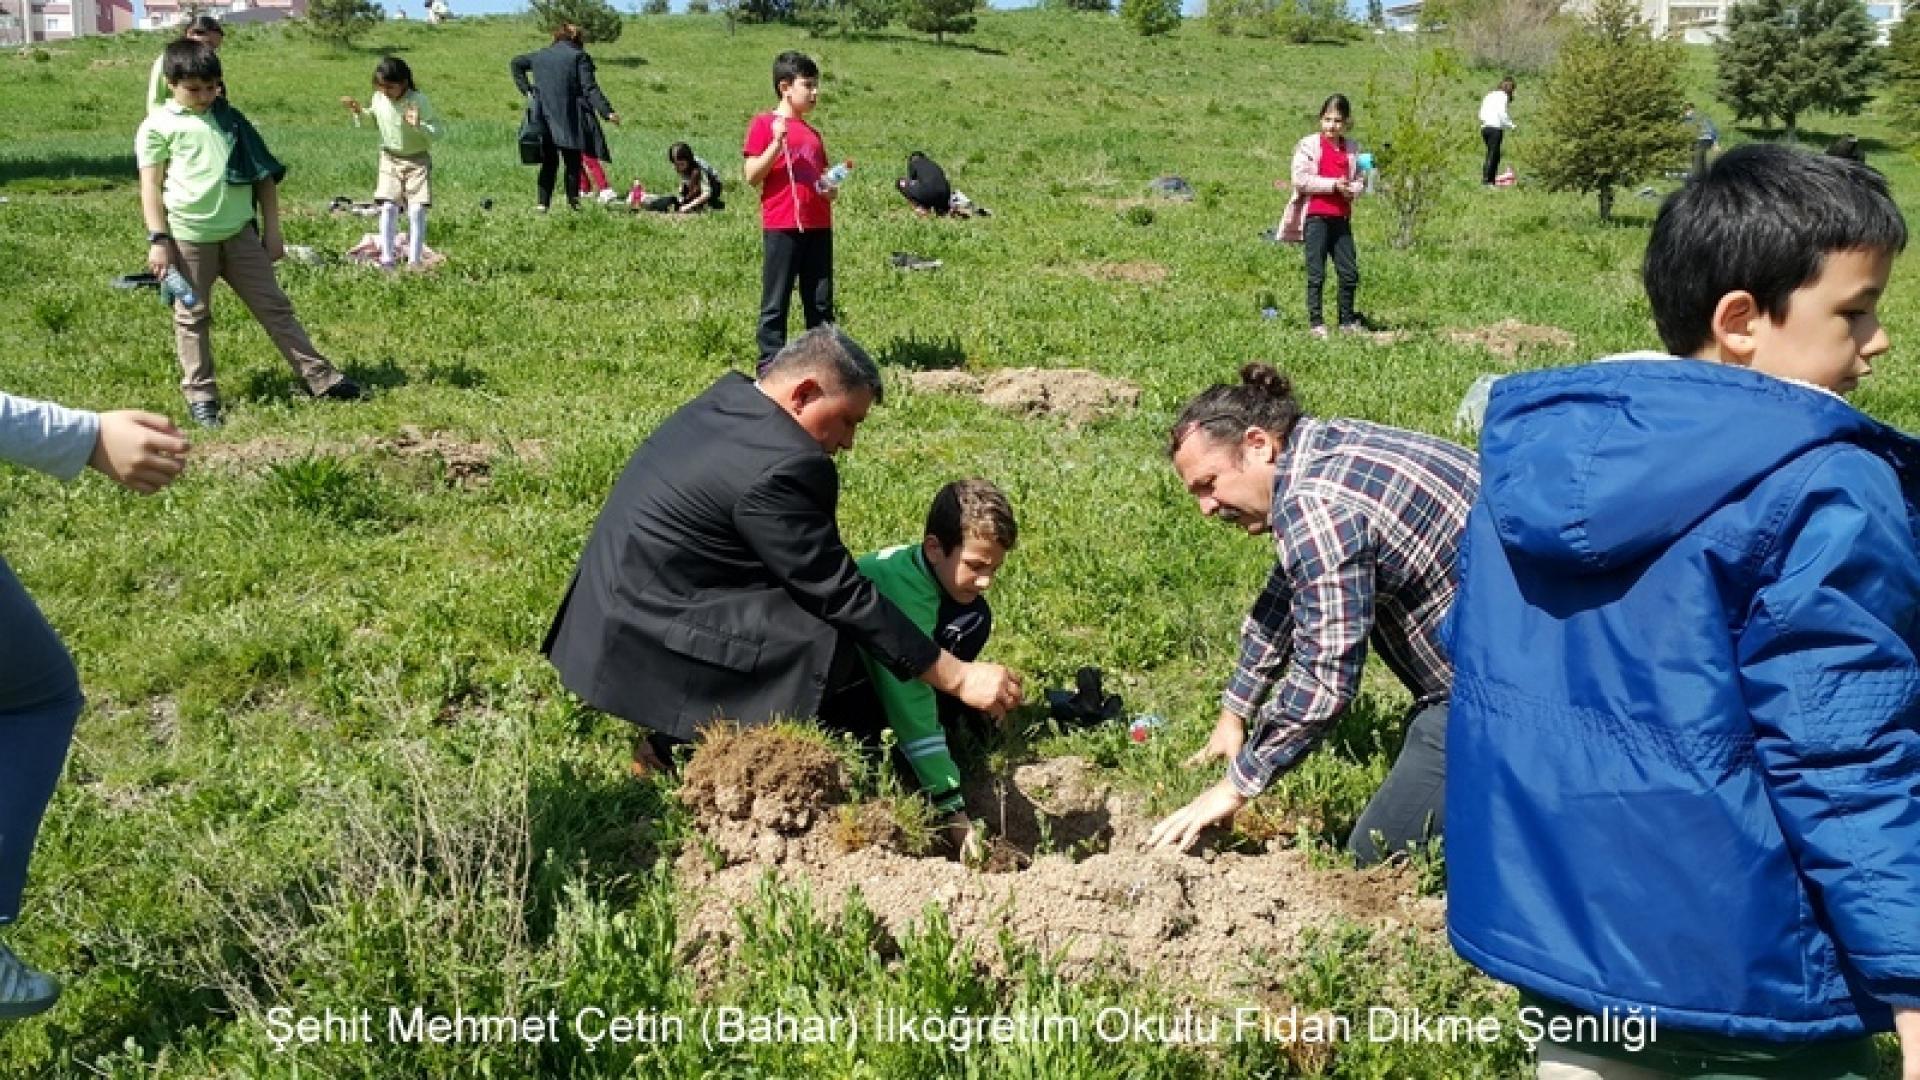 Şehit Mehmet Çetin İlkokulu Ağaç Dikme Şenliği 1523000127 911